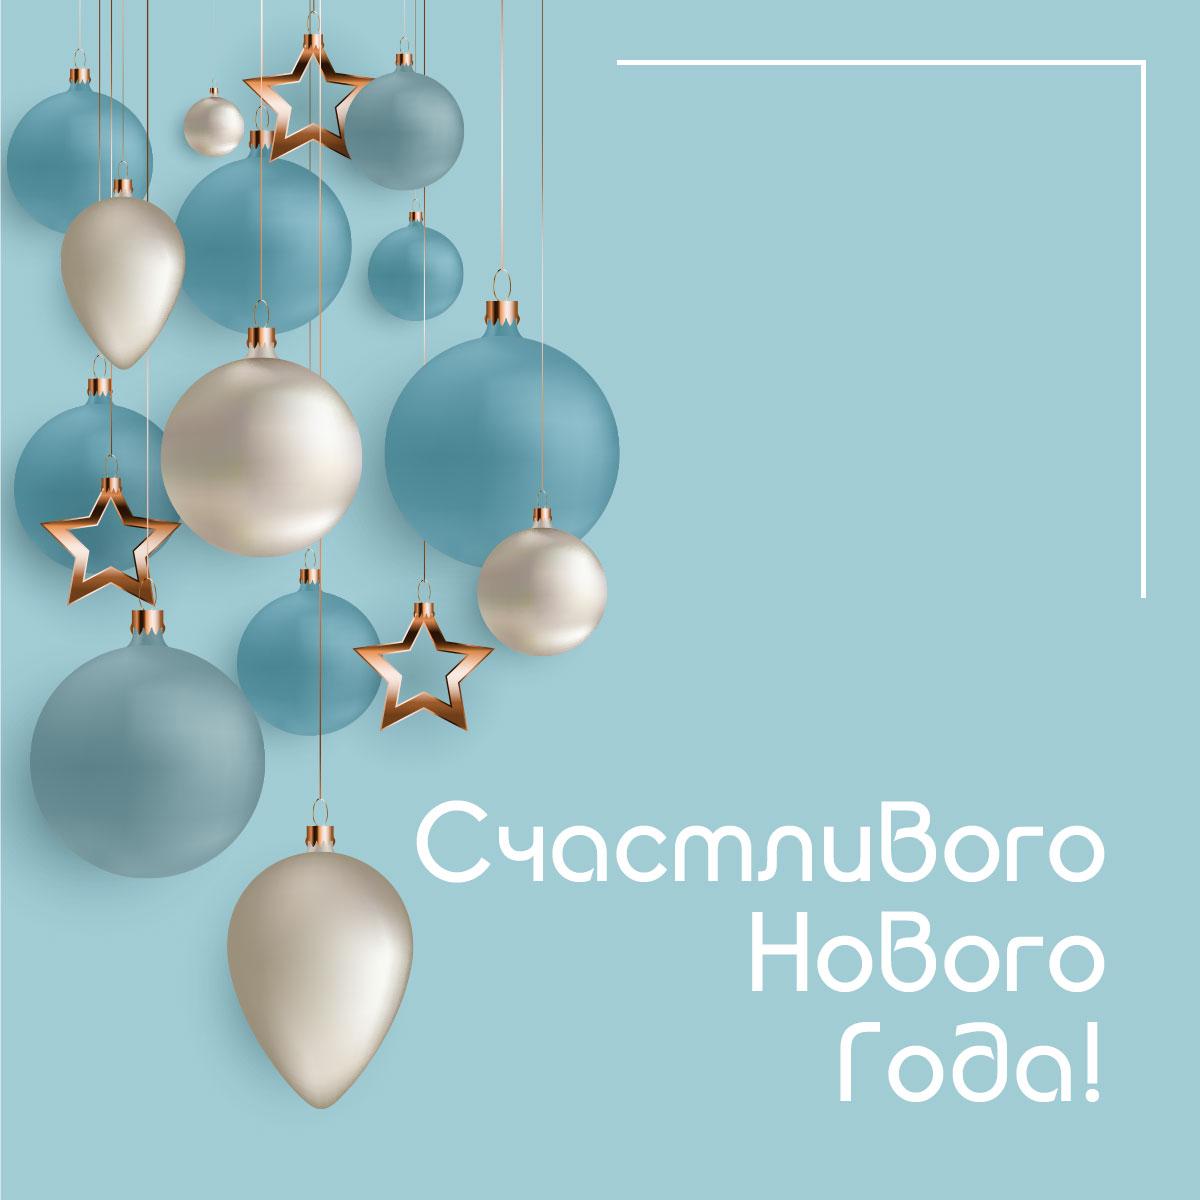 Картинка бирюзового цвета - новогодняя открытка пожеланиями и круглыми рождественскими шарами.